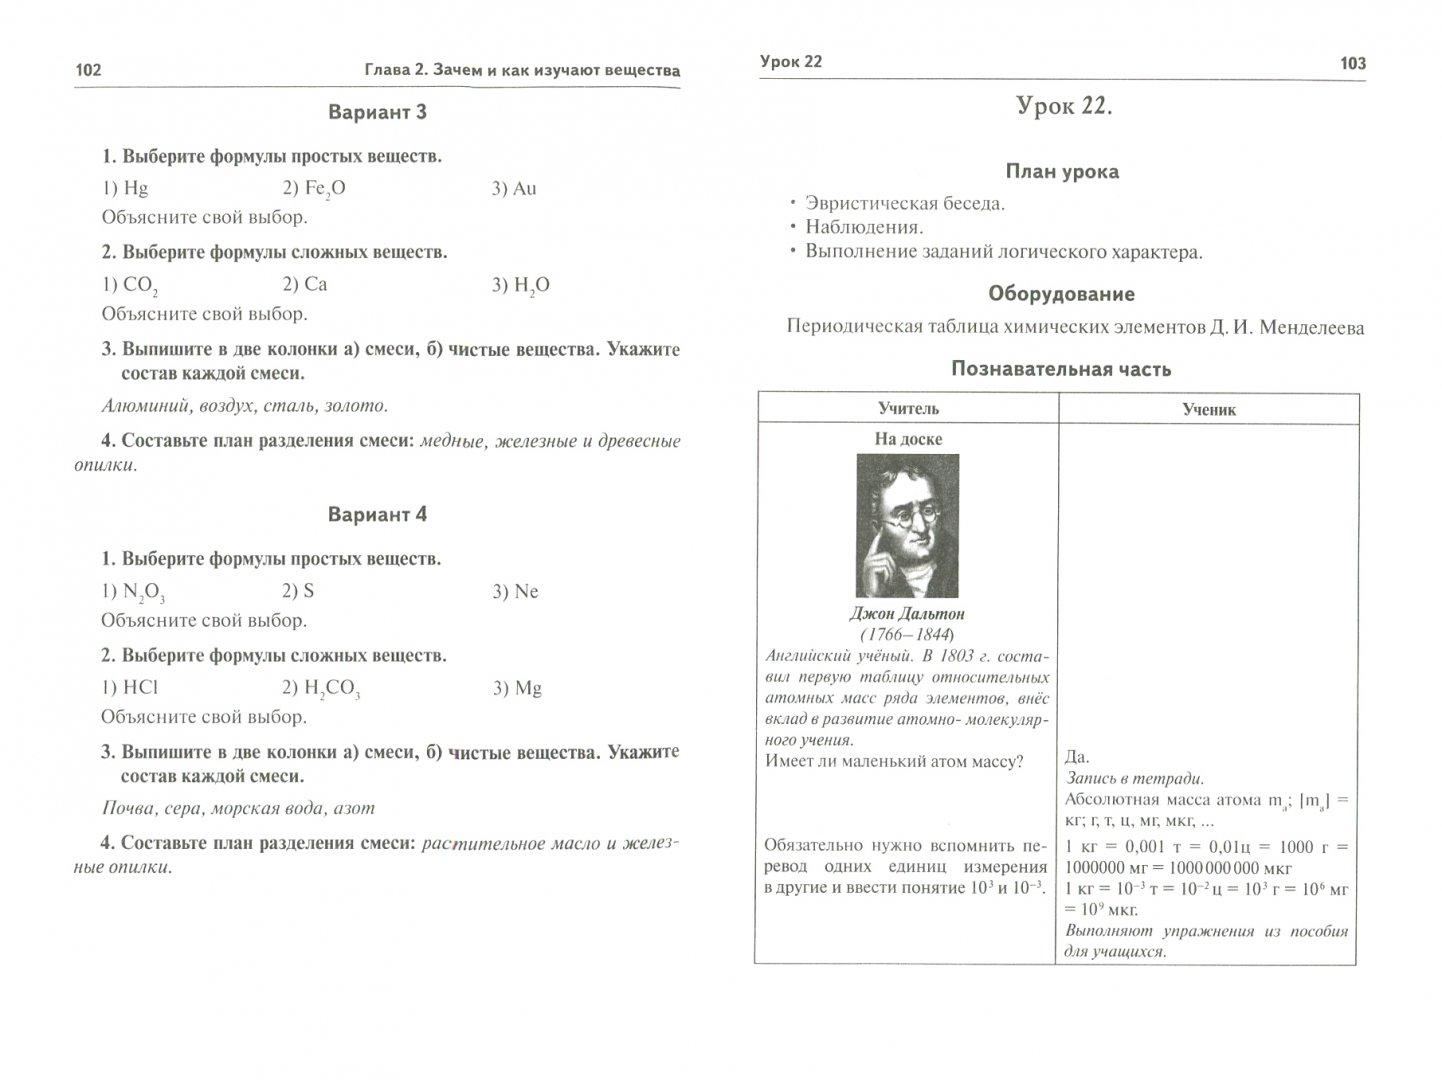 Иллюстрация 1 из 13 для Мир химии. 7 кл. Книга для учителя. Рабочая программа, календарное, тематическое планирование. ФГОС - Лариса Ткаченко   Лабиринт - книги. Источник: Лабиринт